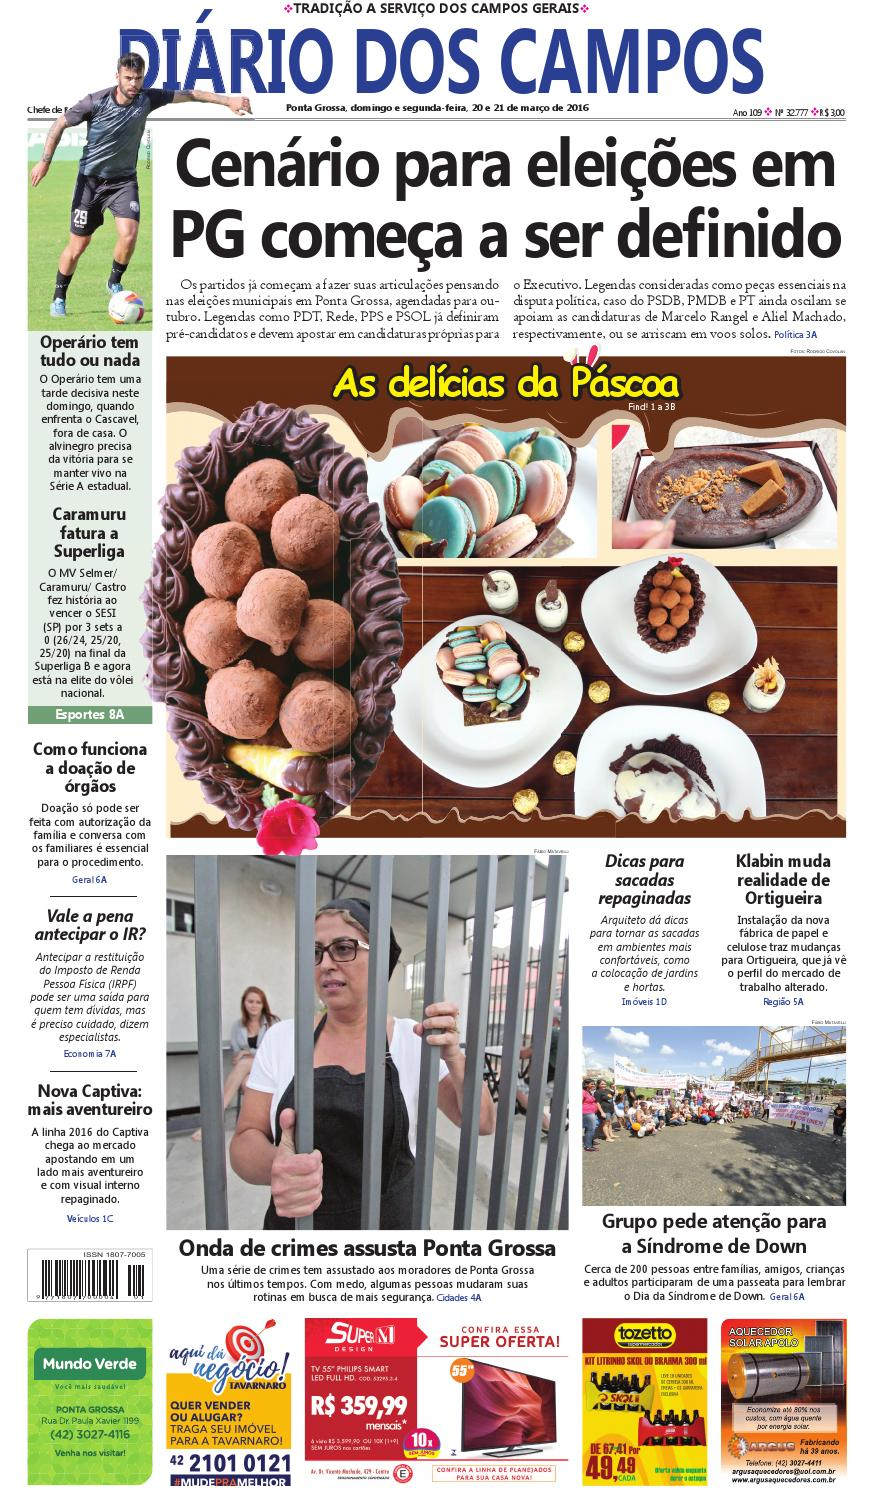 9f1c9dd171 Ed32777 by Diário dos Campos - issuu